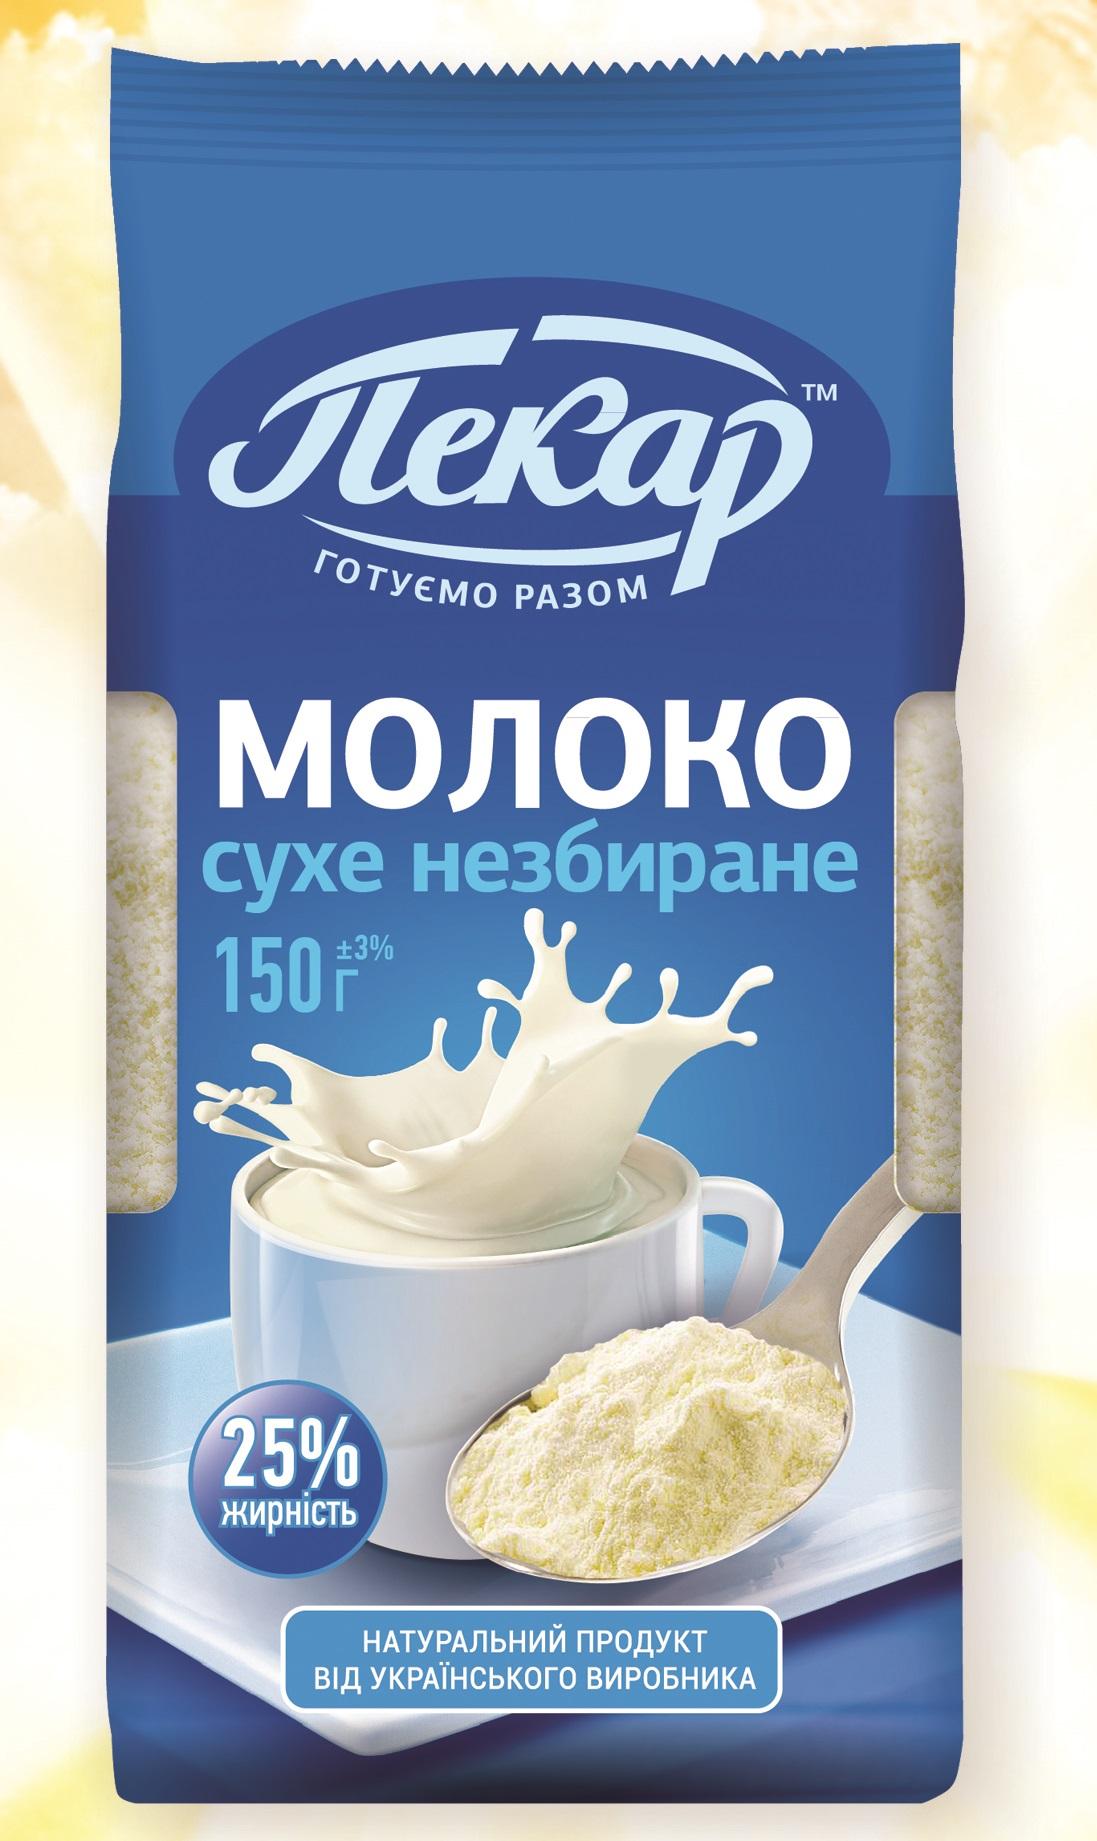 Сухе молоко рецепти